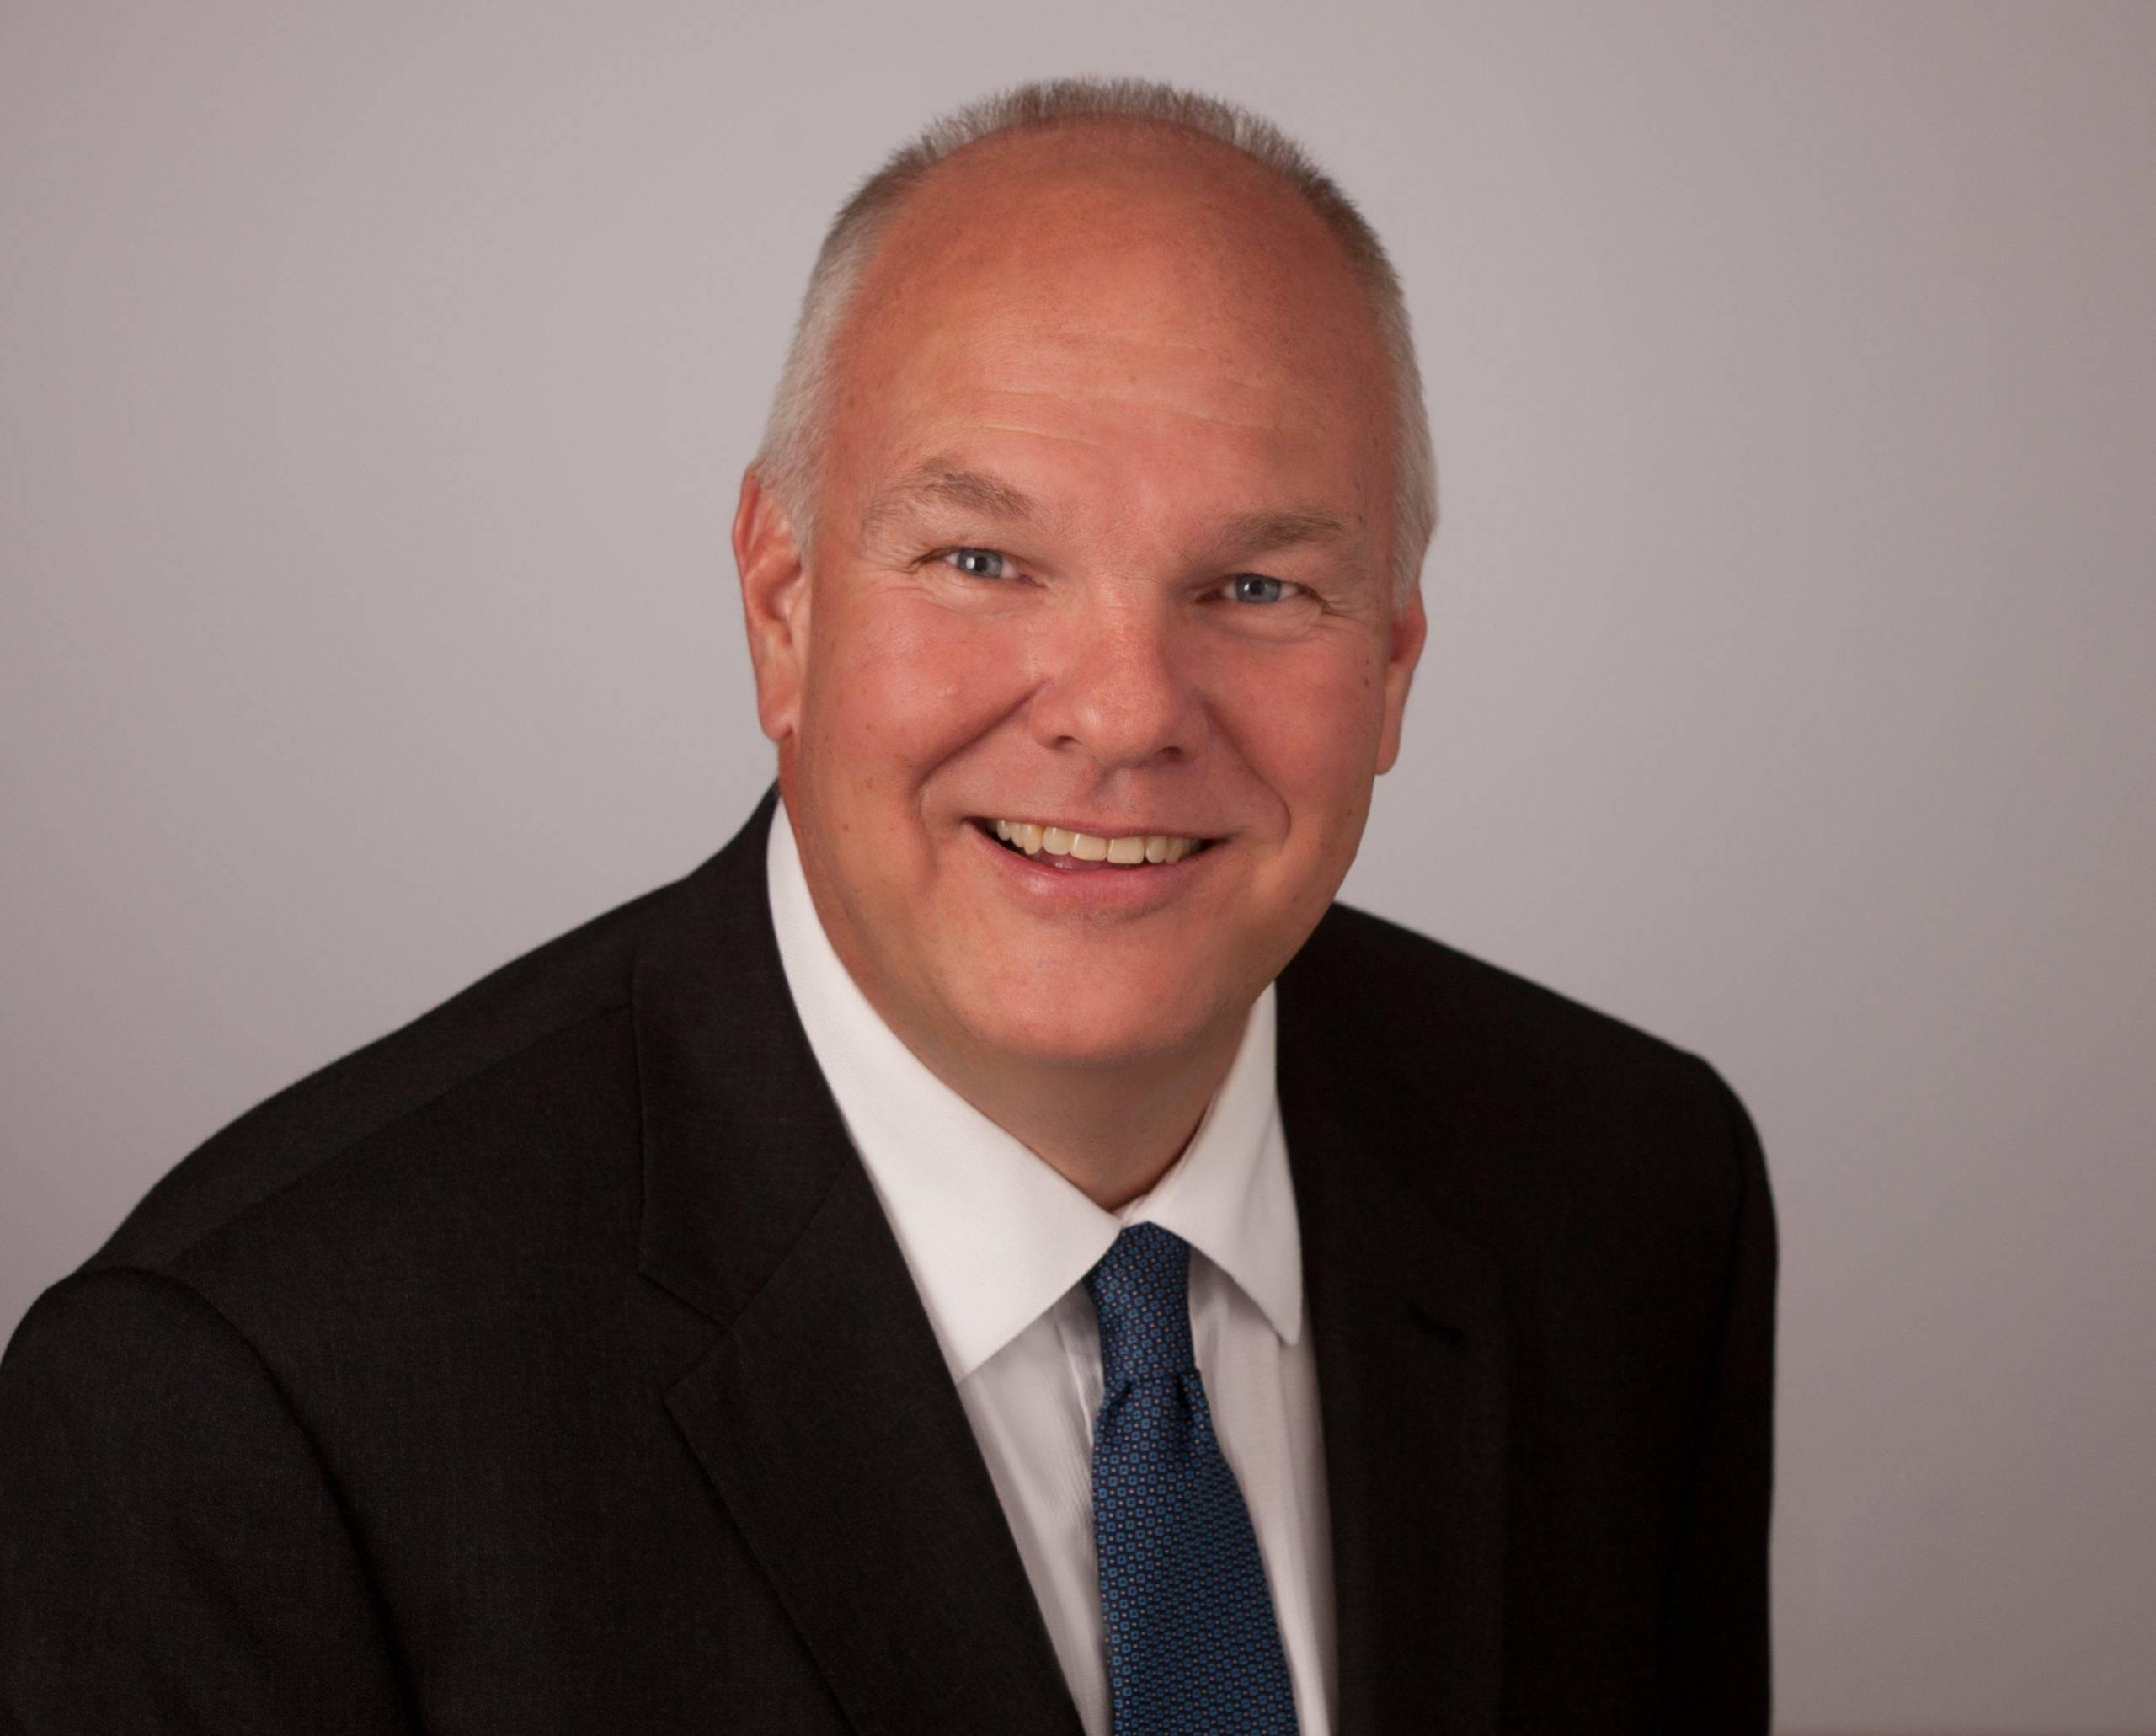 Keith Corrigan